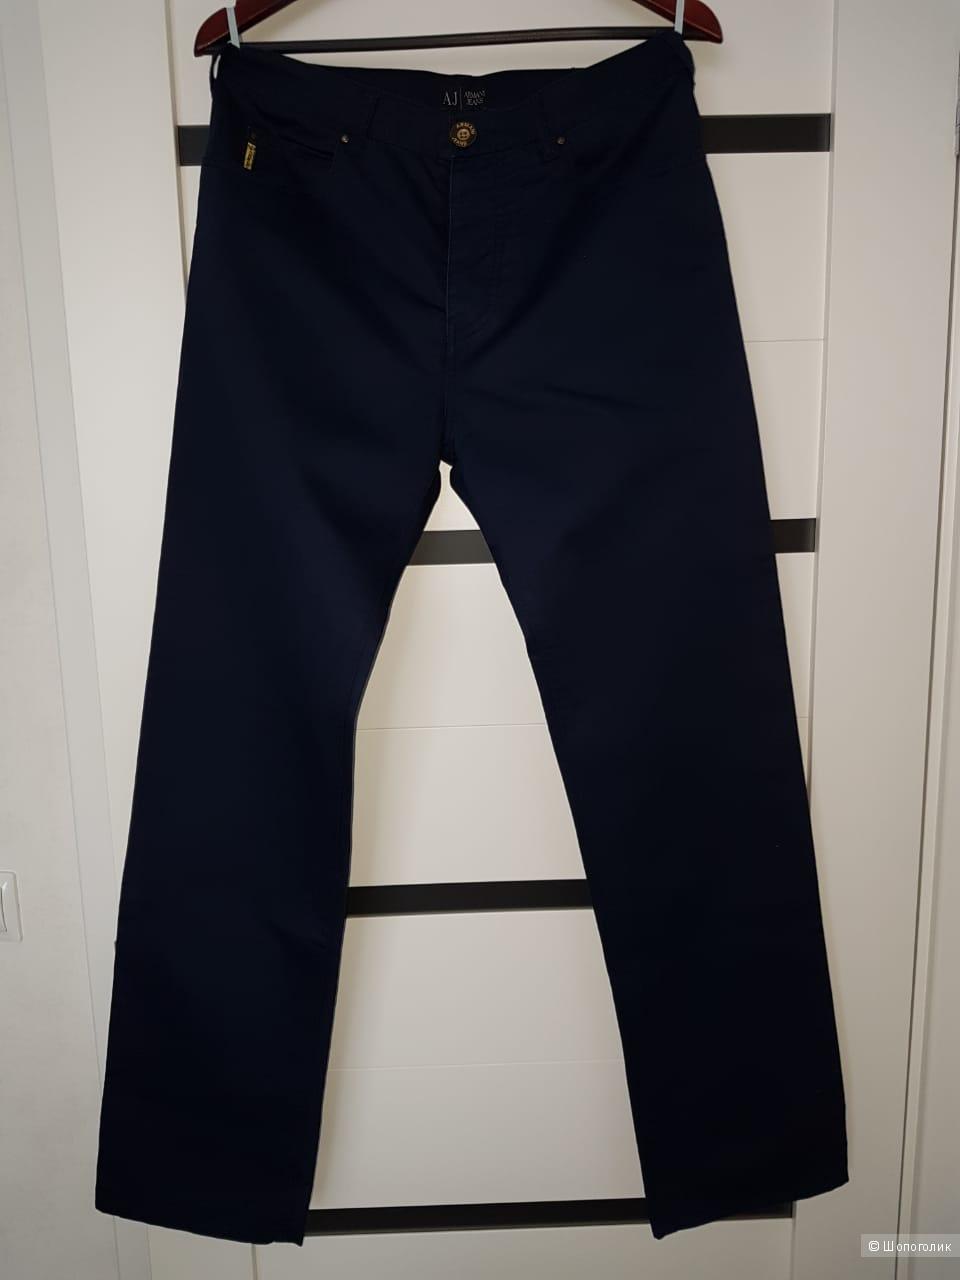 Мужские брюки ARMANI JEANS, размер 32